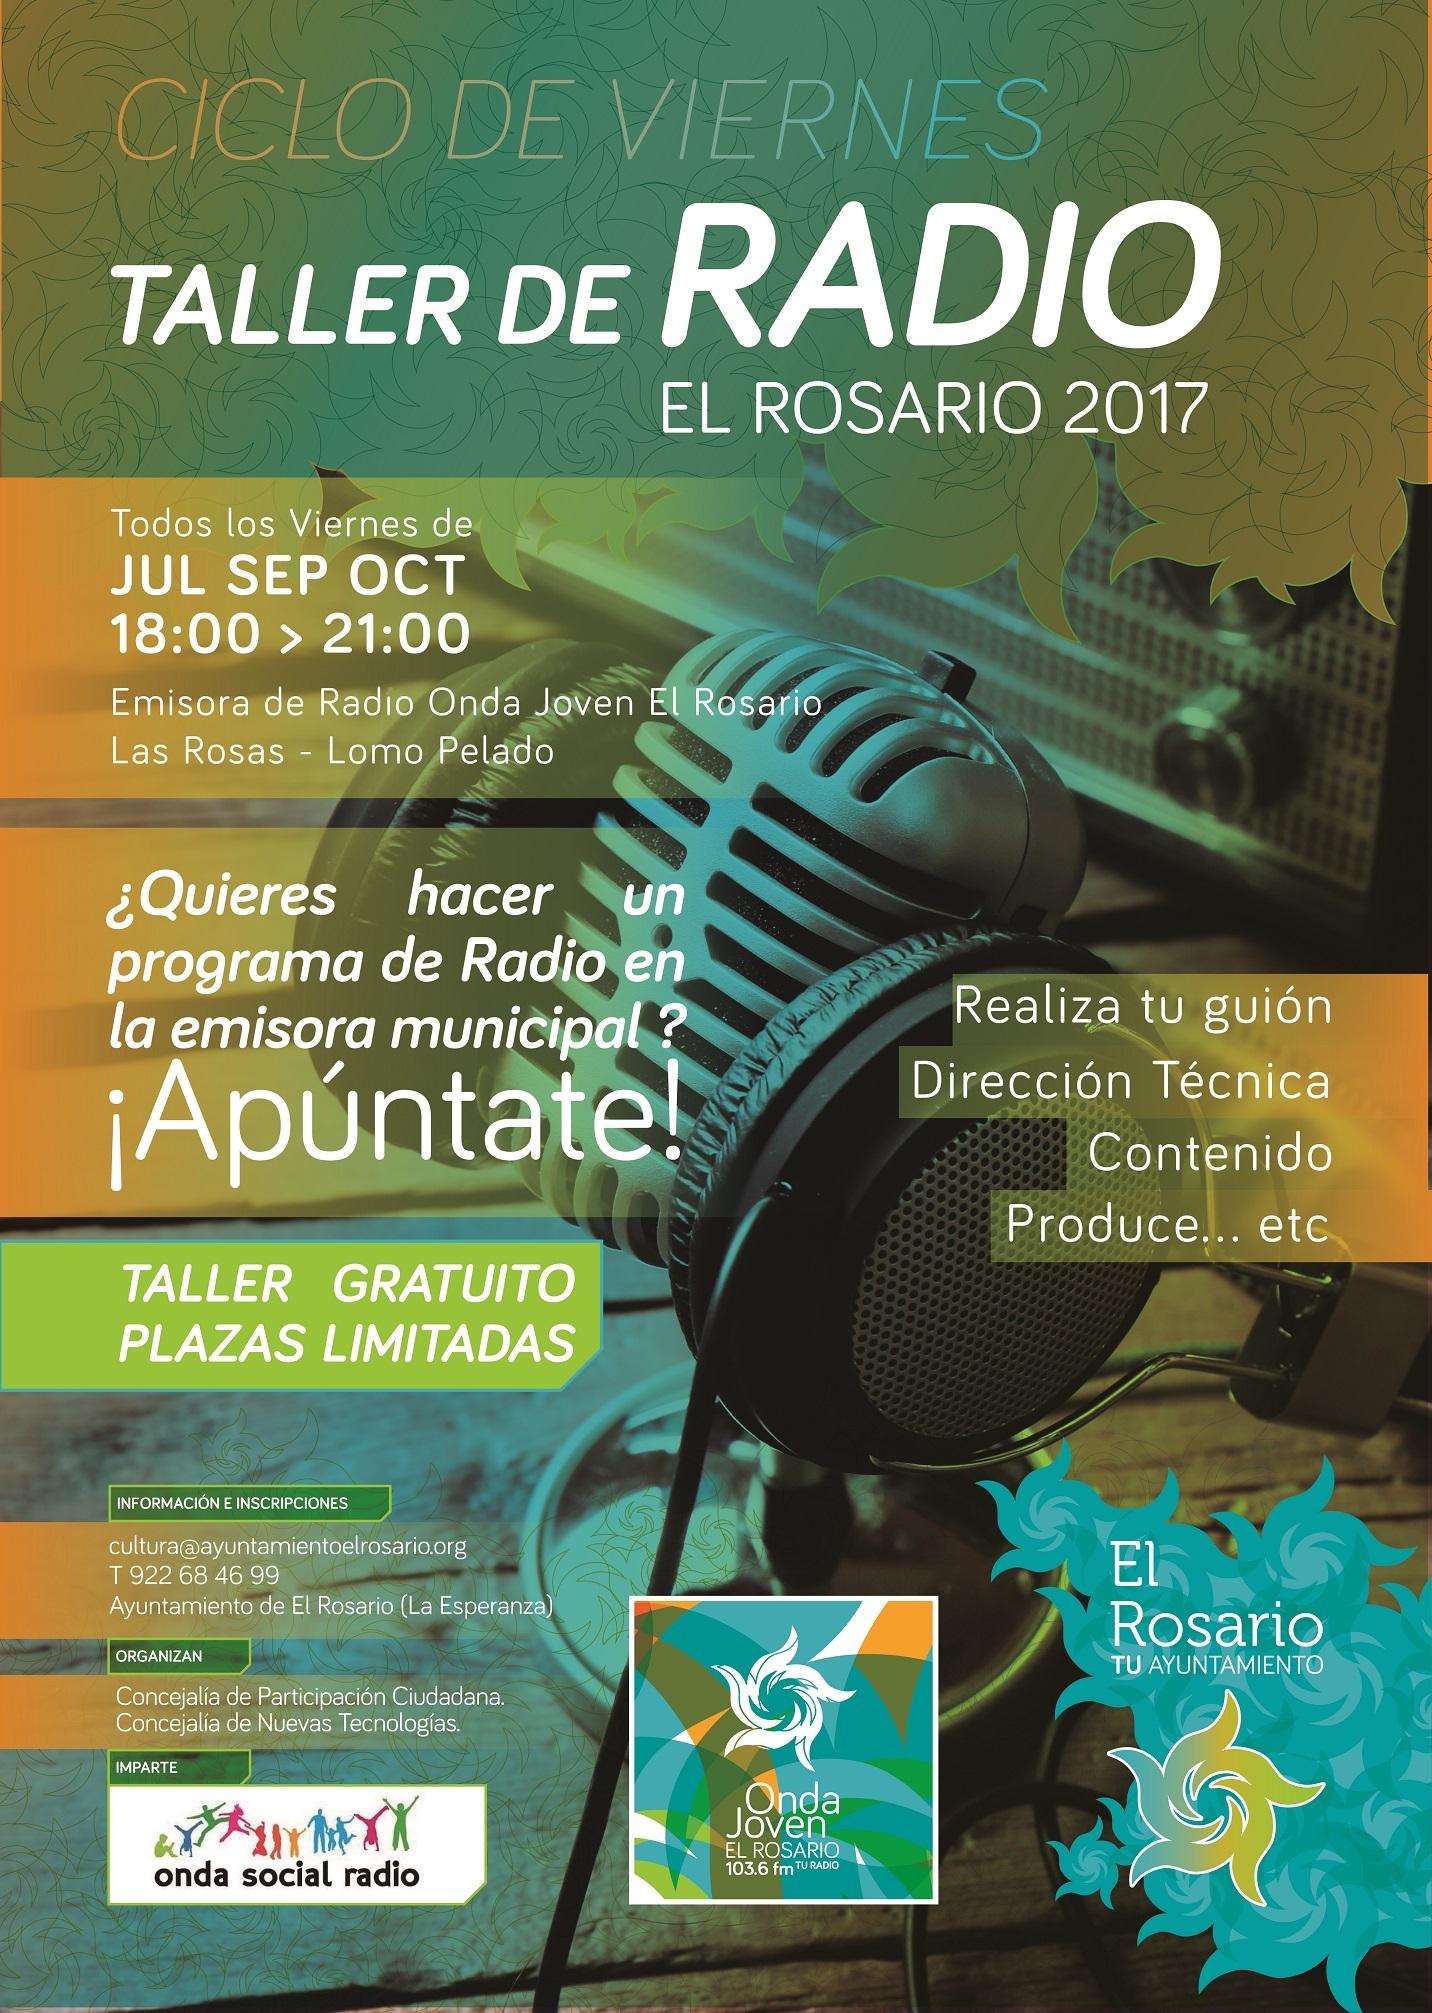 CARTEL-TALLER RADIO-20170622-af-01